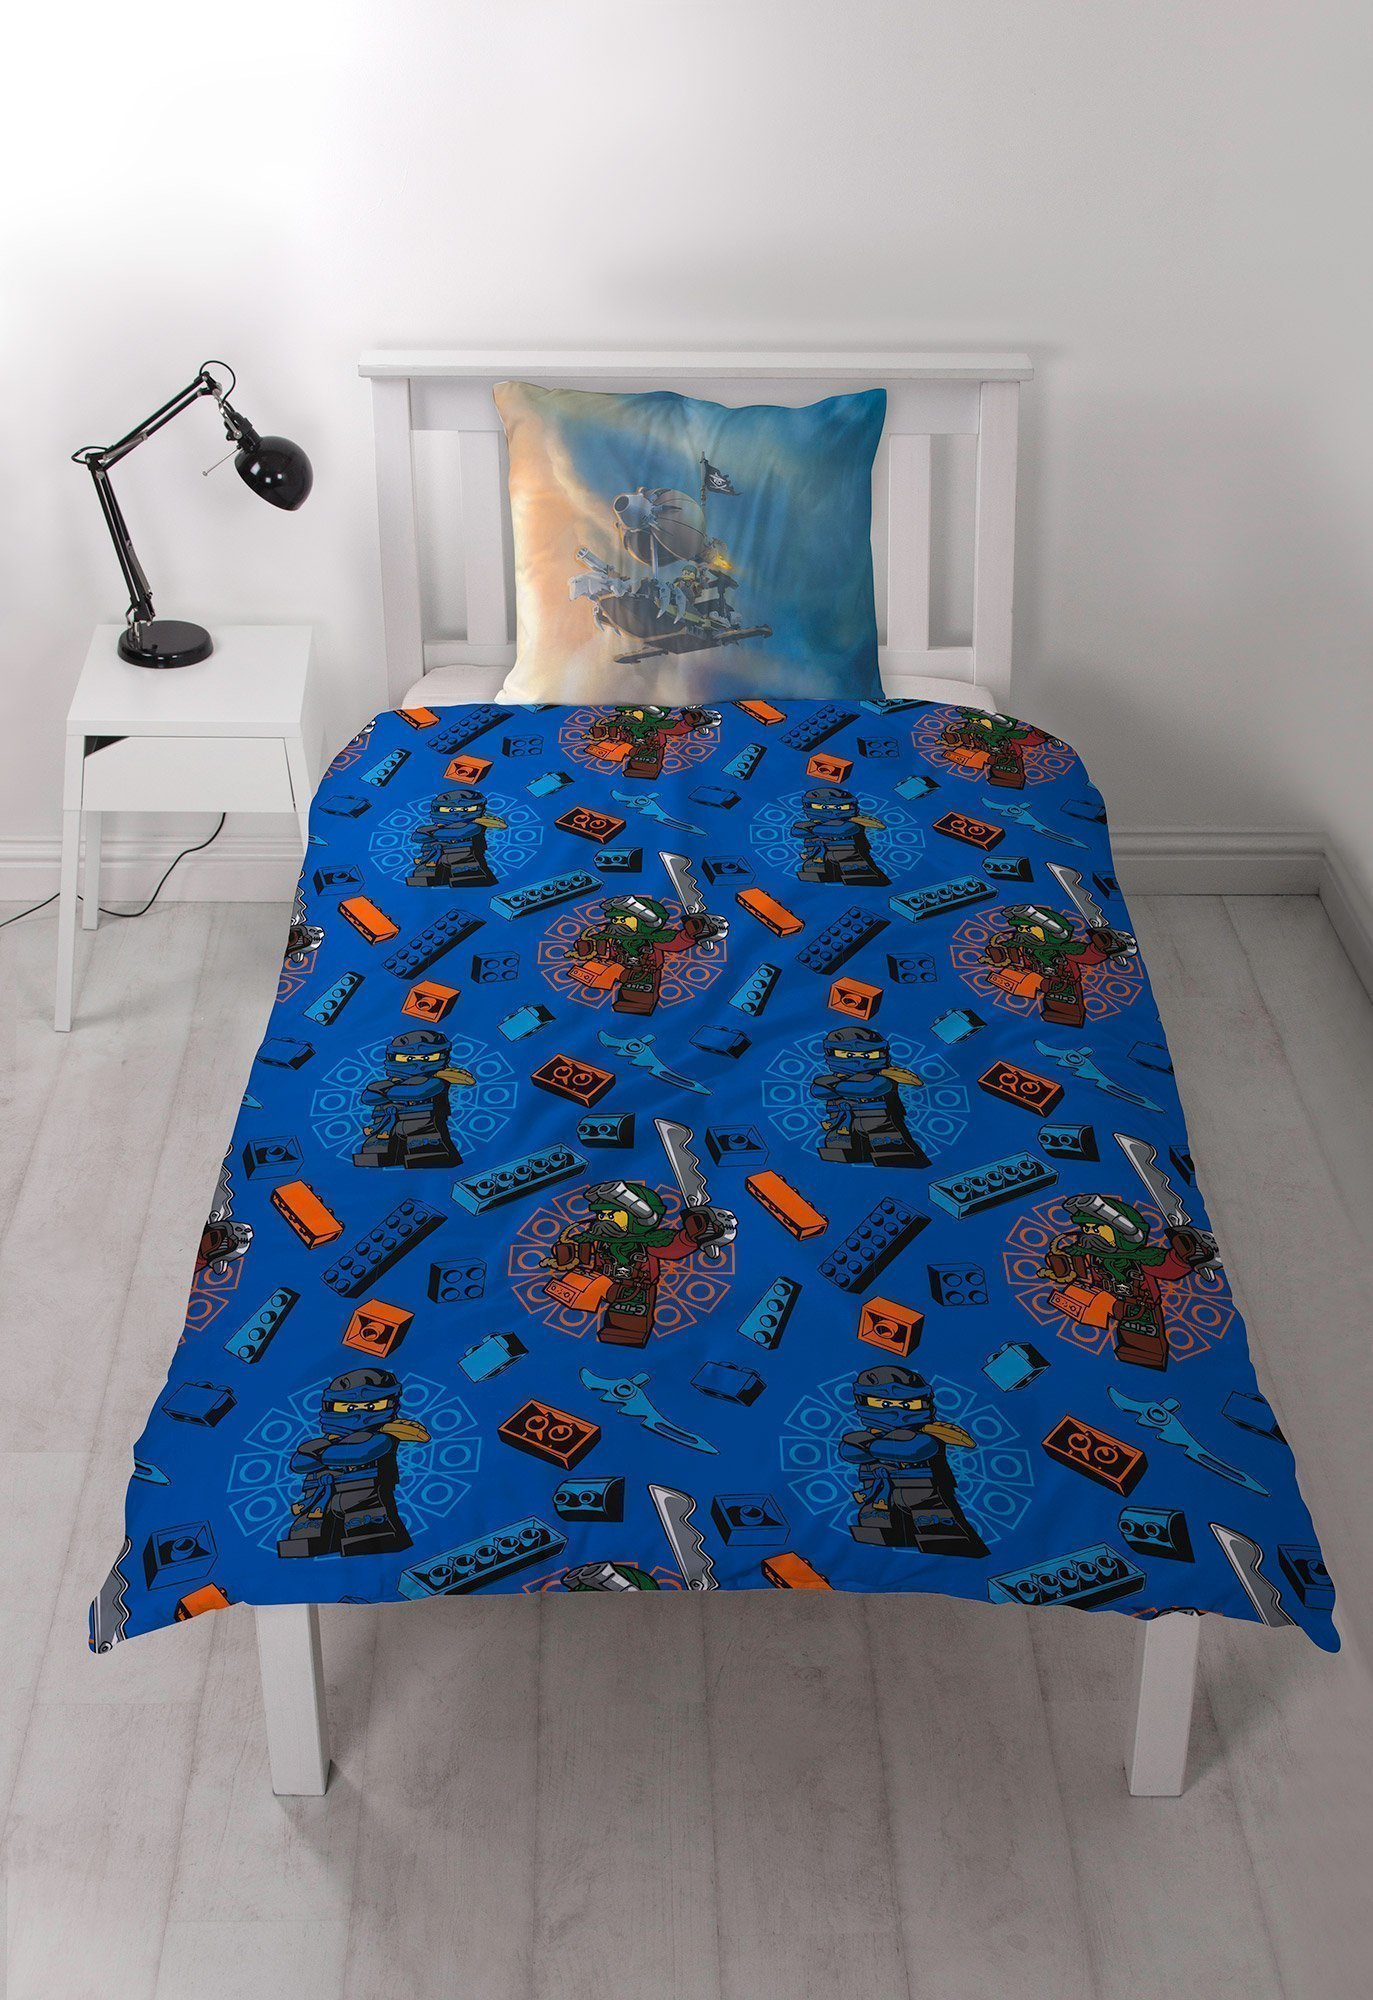 Housse de couette lego ninjago pour lit enfant for Housse de couette pour lit 140